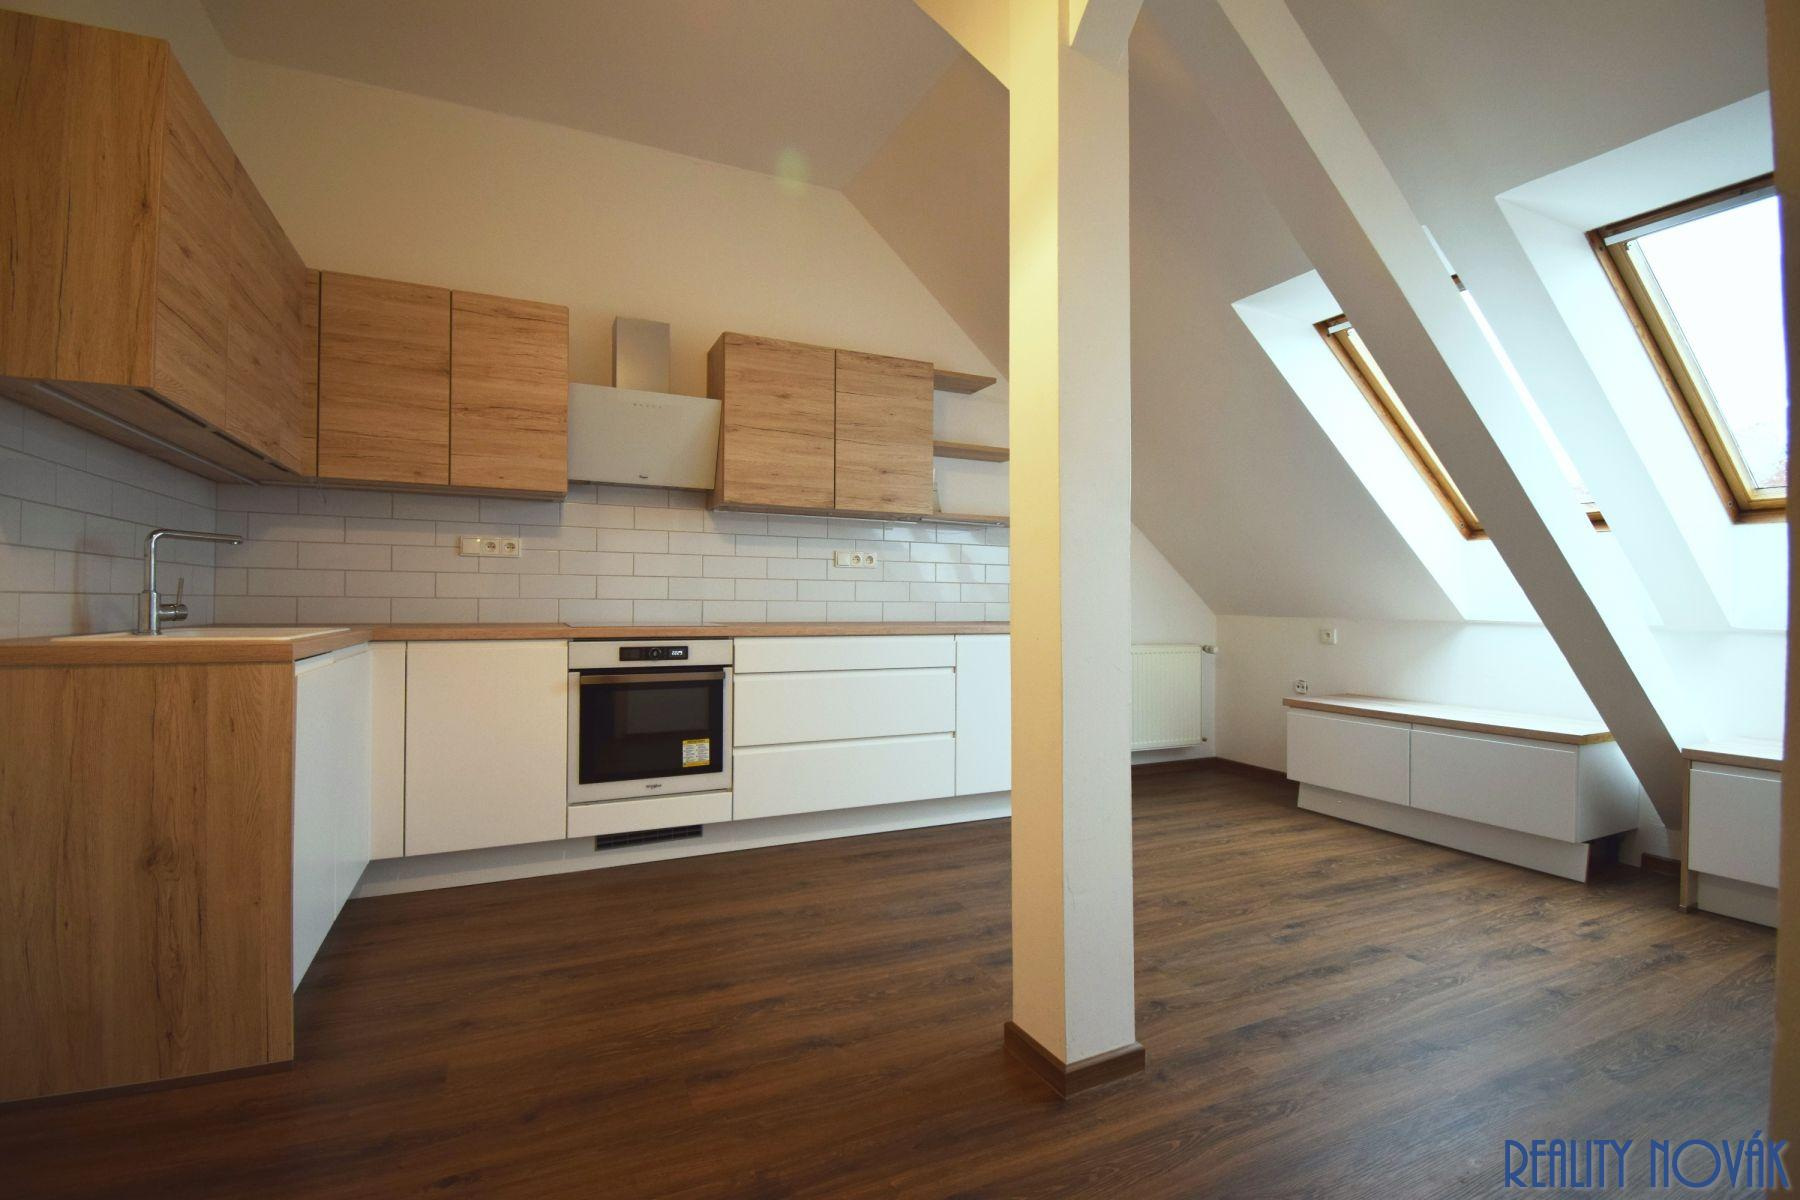 Pronájem bytu 5 + 1 220 m2, ul. Korunní, Praha - Vinohrady